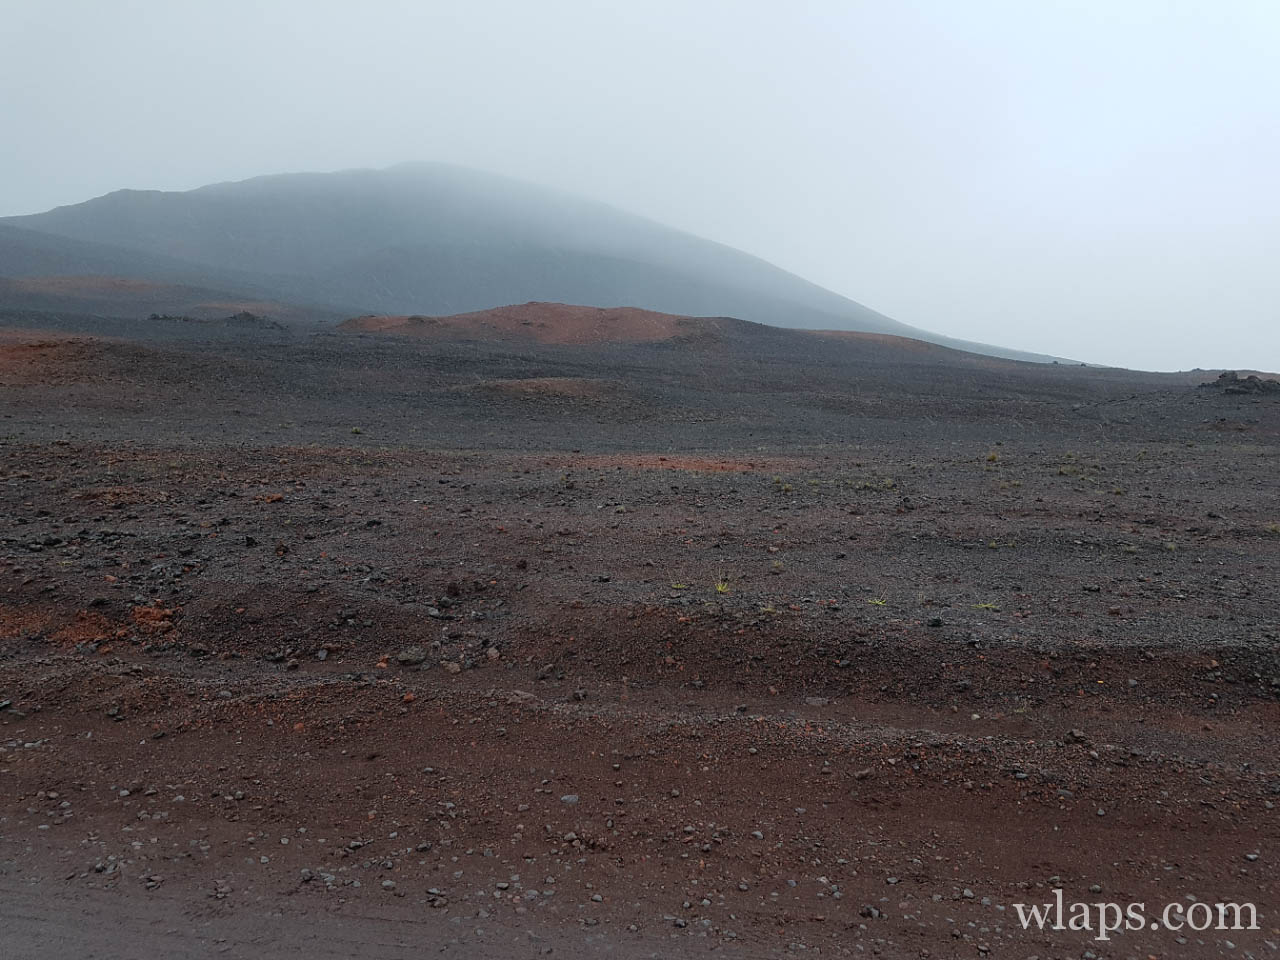 Randonnée au Piton de la Fournaise à l'ile de La Réunion